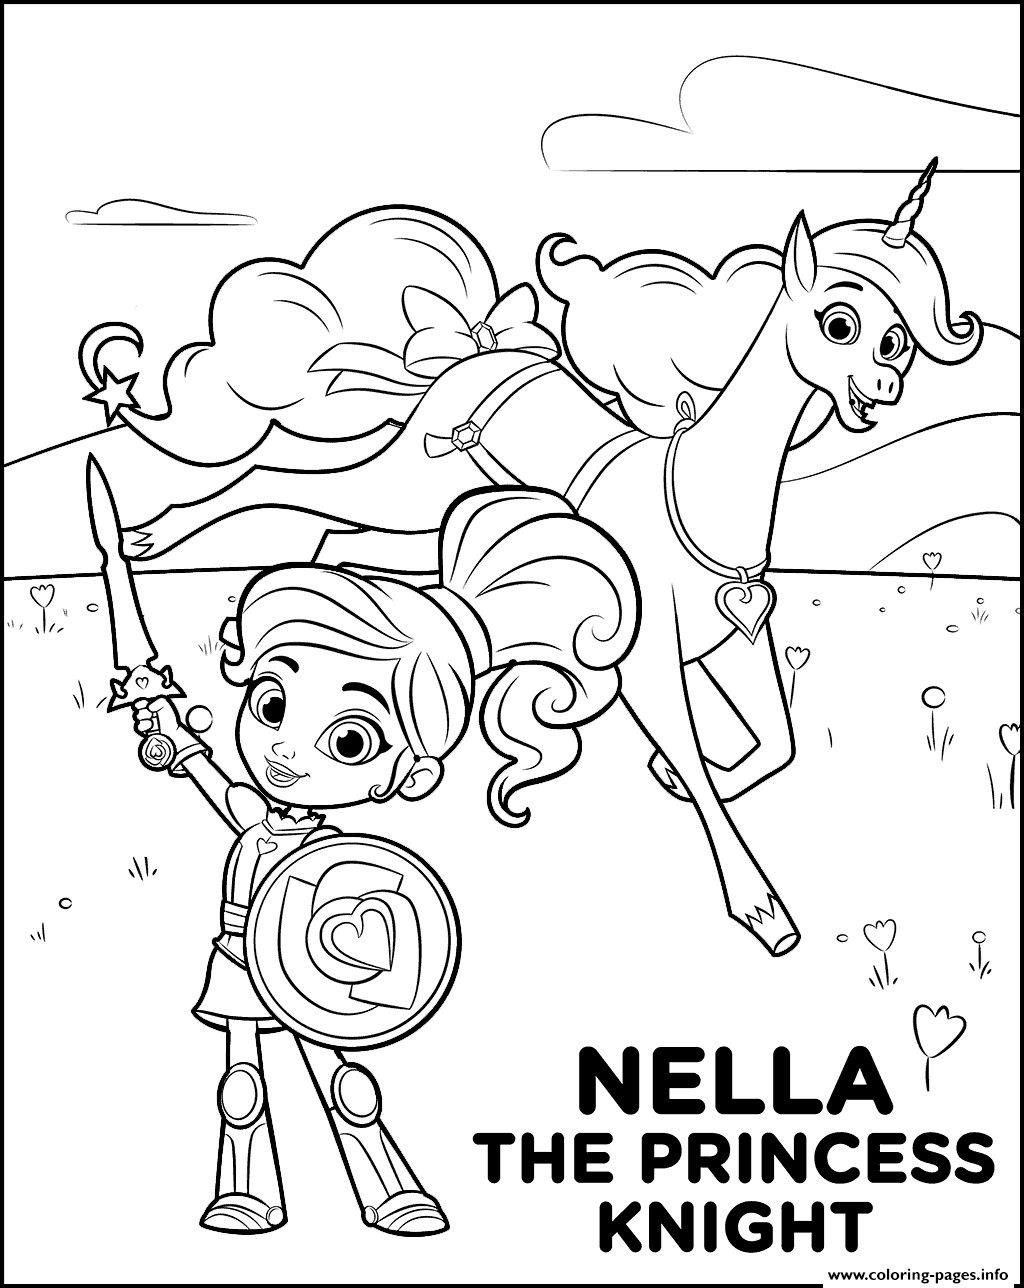 nella the princess knight coloring pages Nella Princess Knight Coloring Page – Through the thousands of  nella the princess knight coloring pages